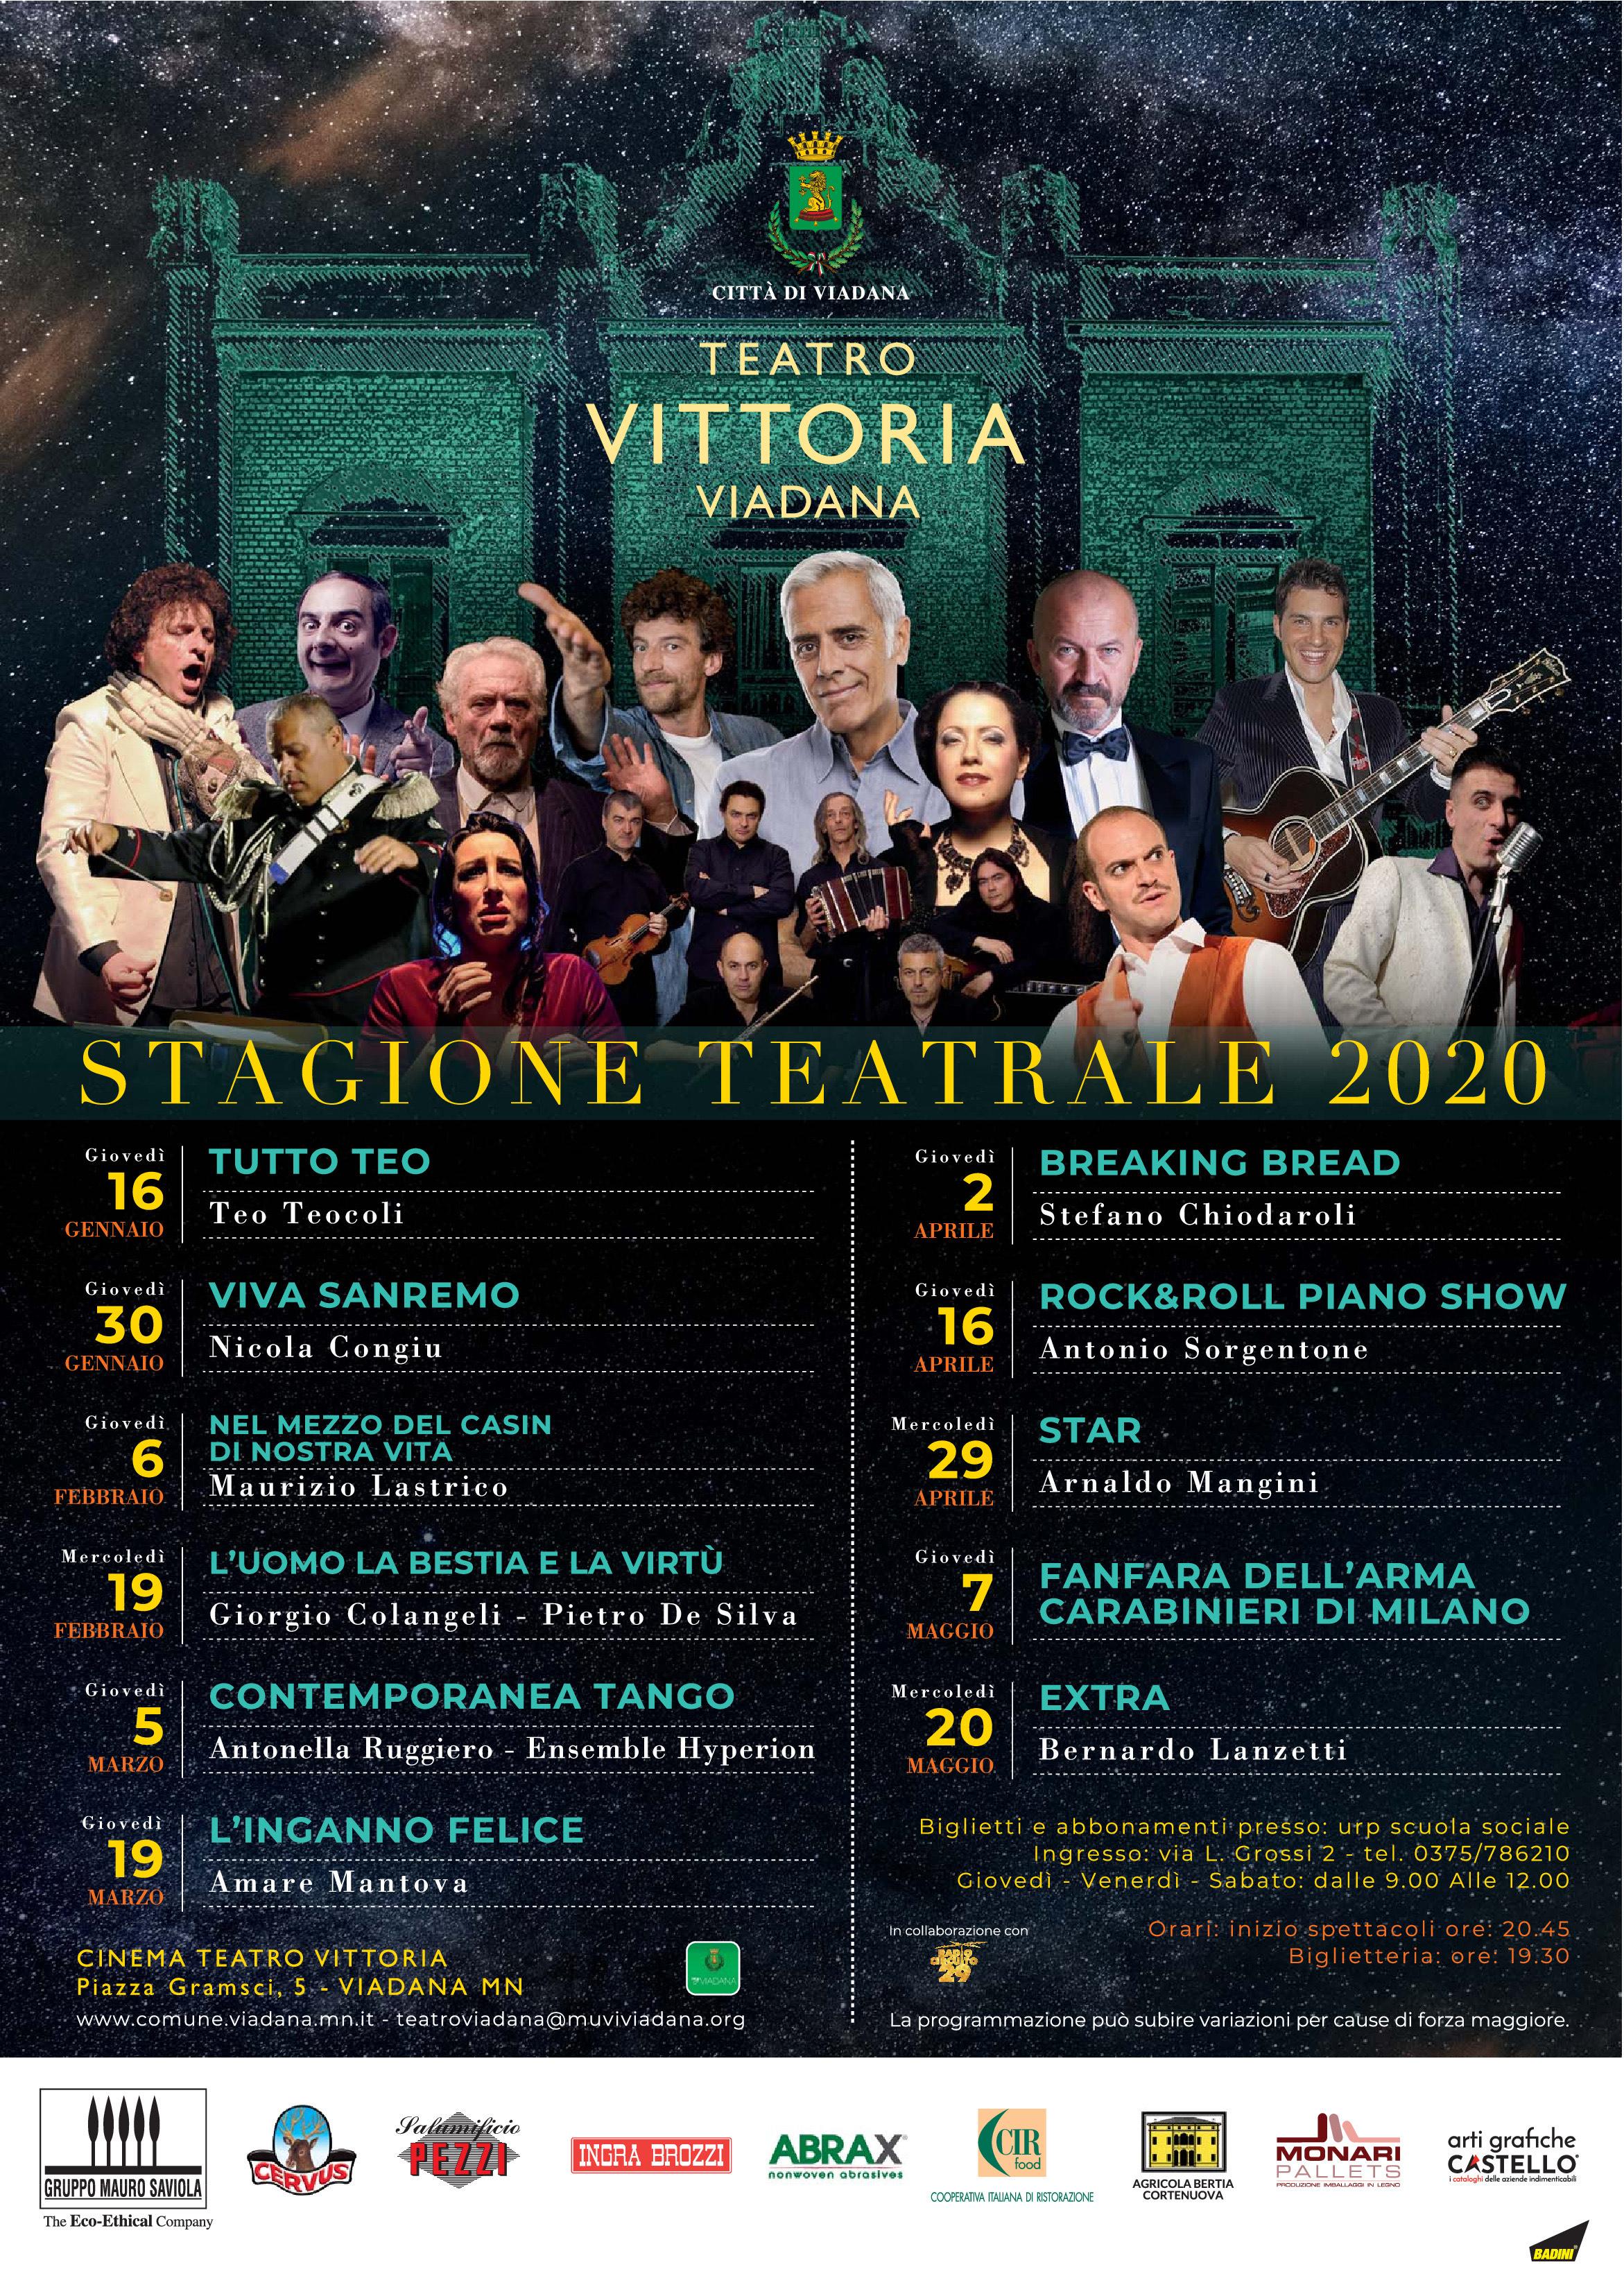 16/01/2020 - PROGRAMMA STAGIONE TEATRALE 2020